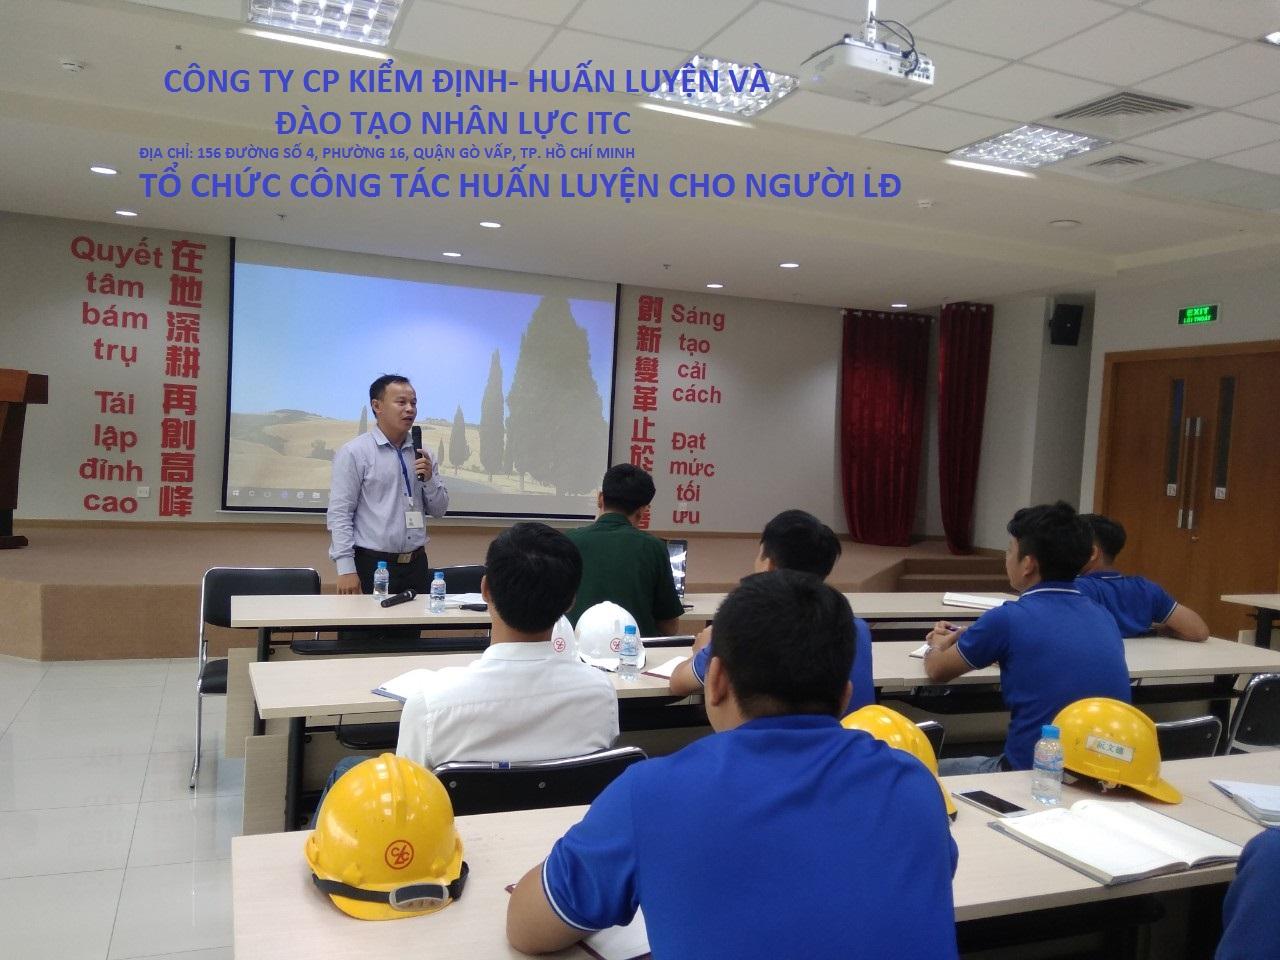 ITC nơi mang đến sự an toàn trong lao động cho bạn - Ảnh 2